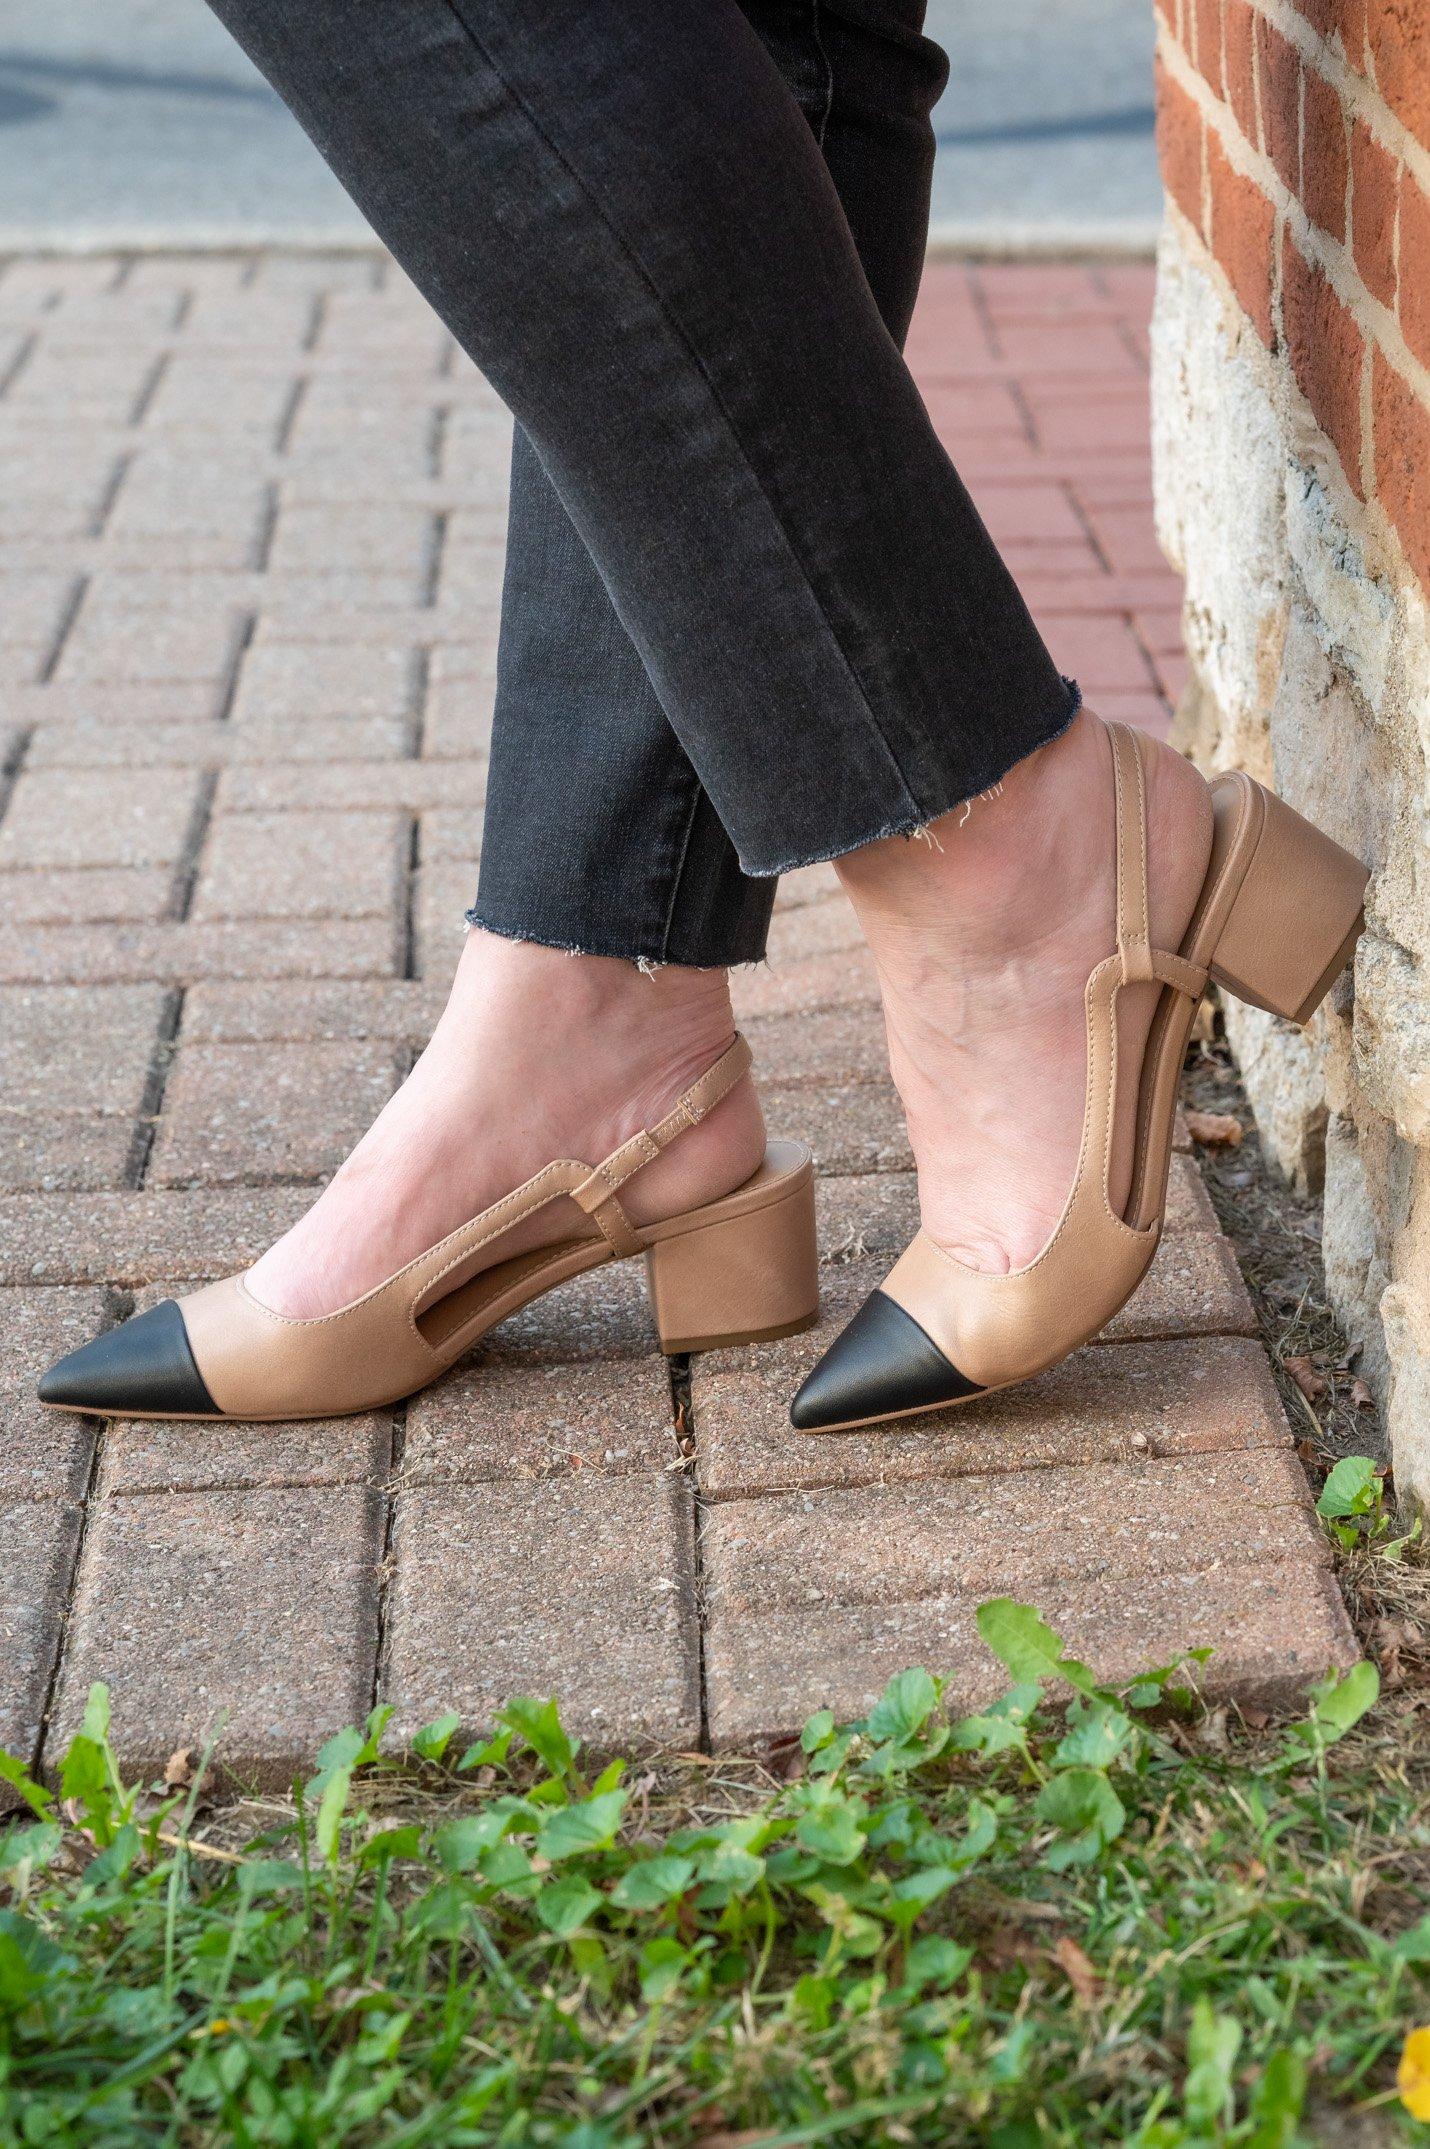 sling-back heels